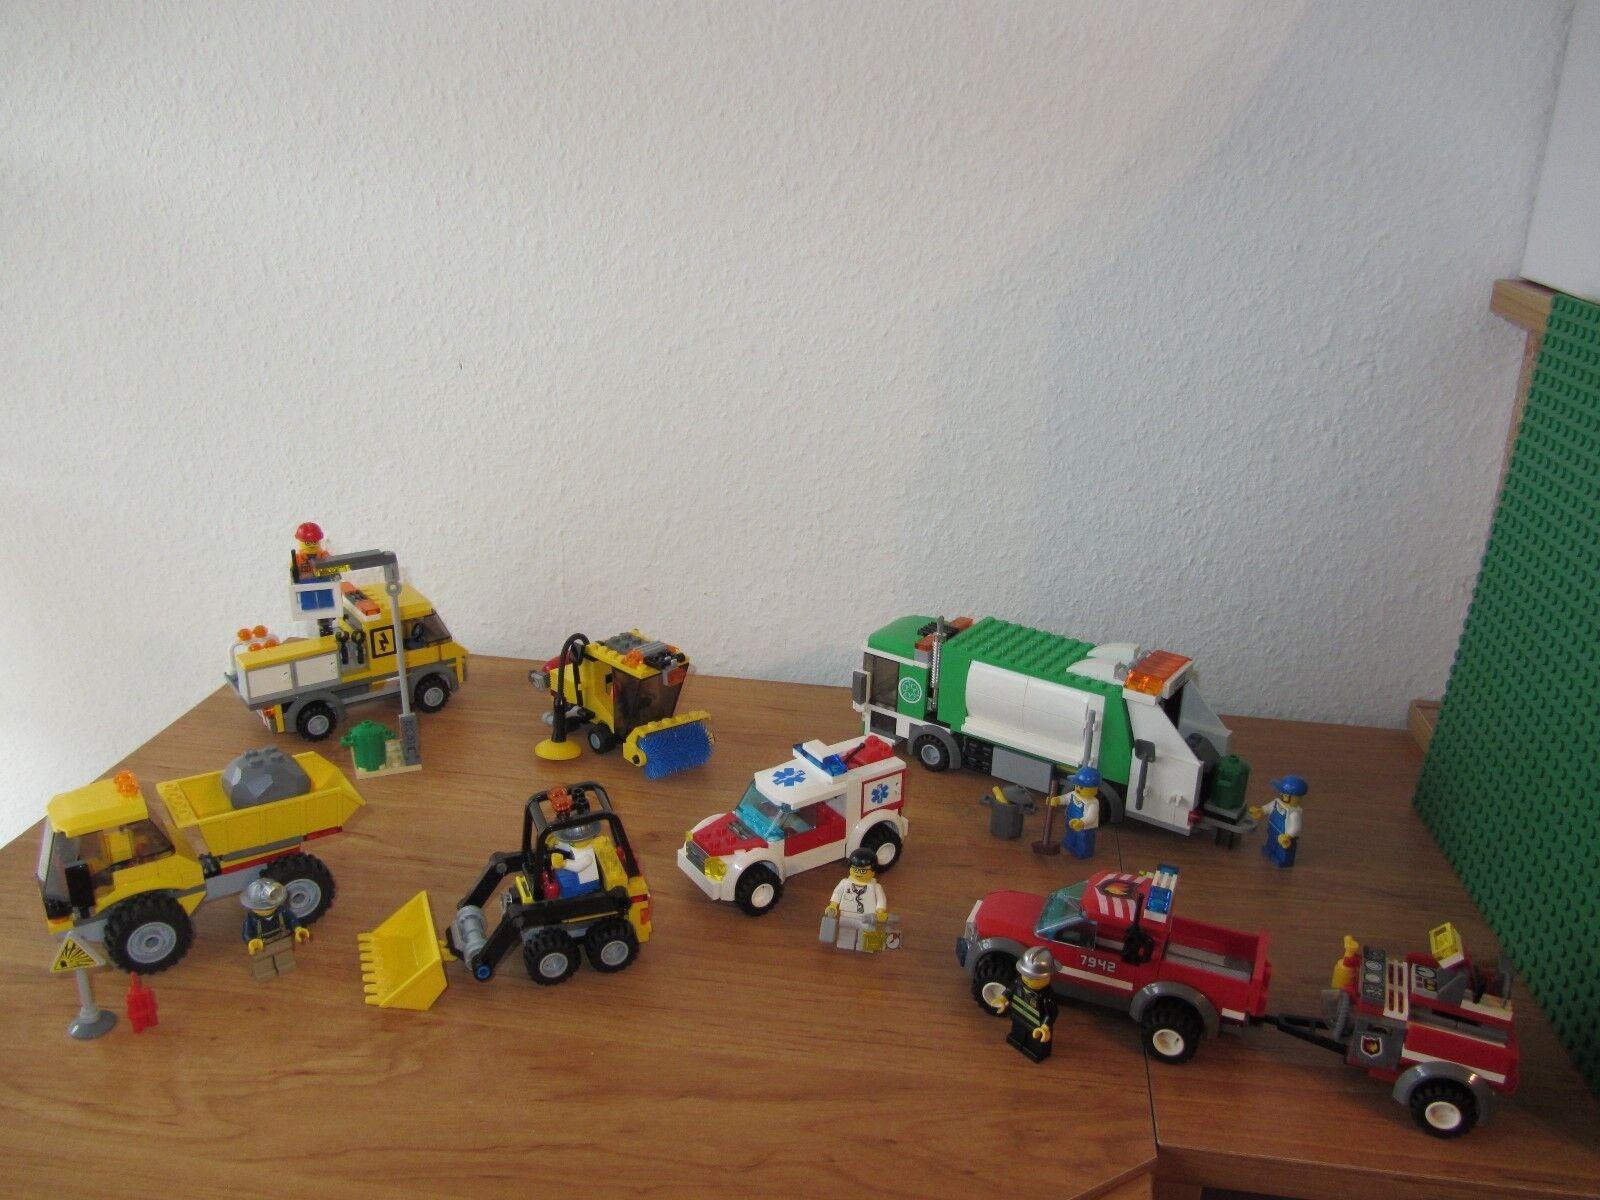 LEGO City 6 veicoli di serie di argomenti raccolta la raccolta kg raccolta